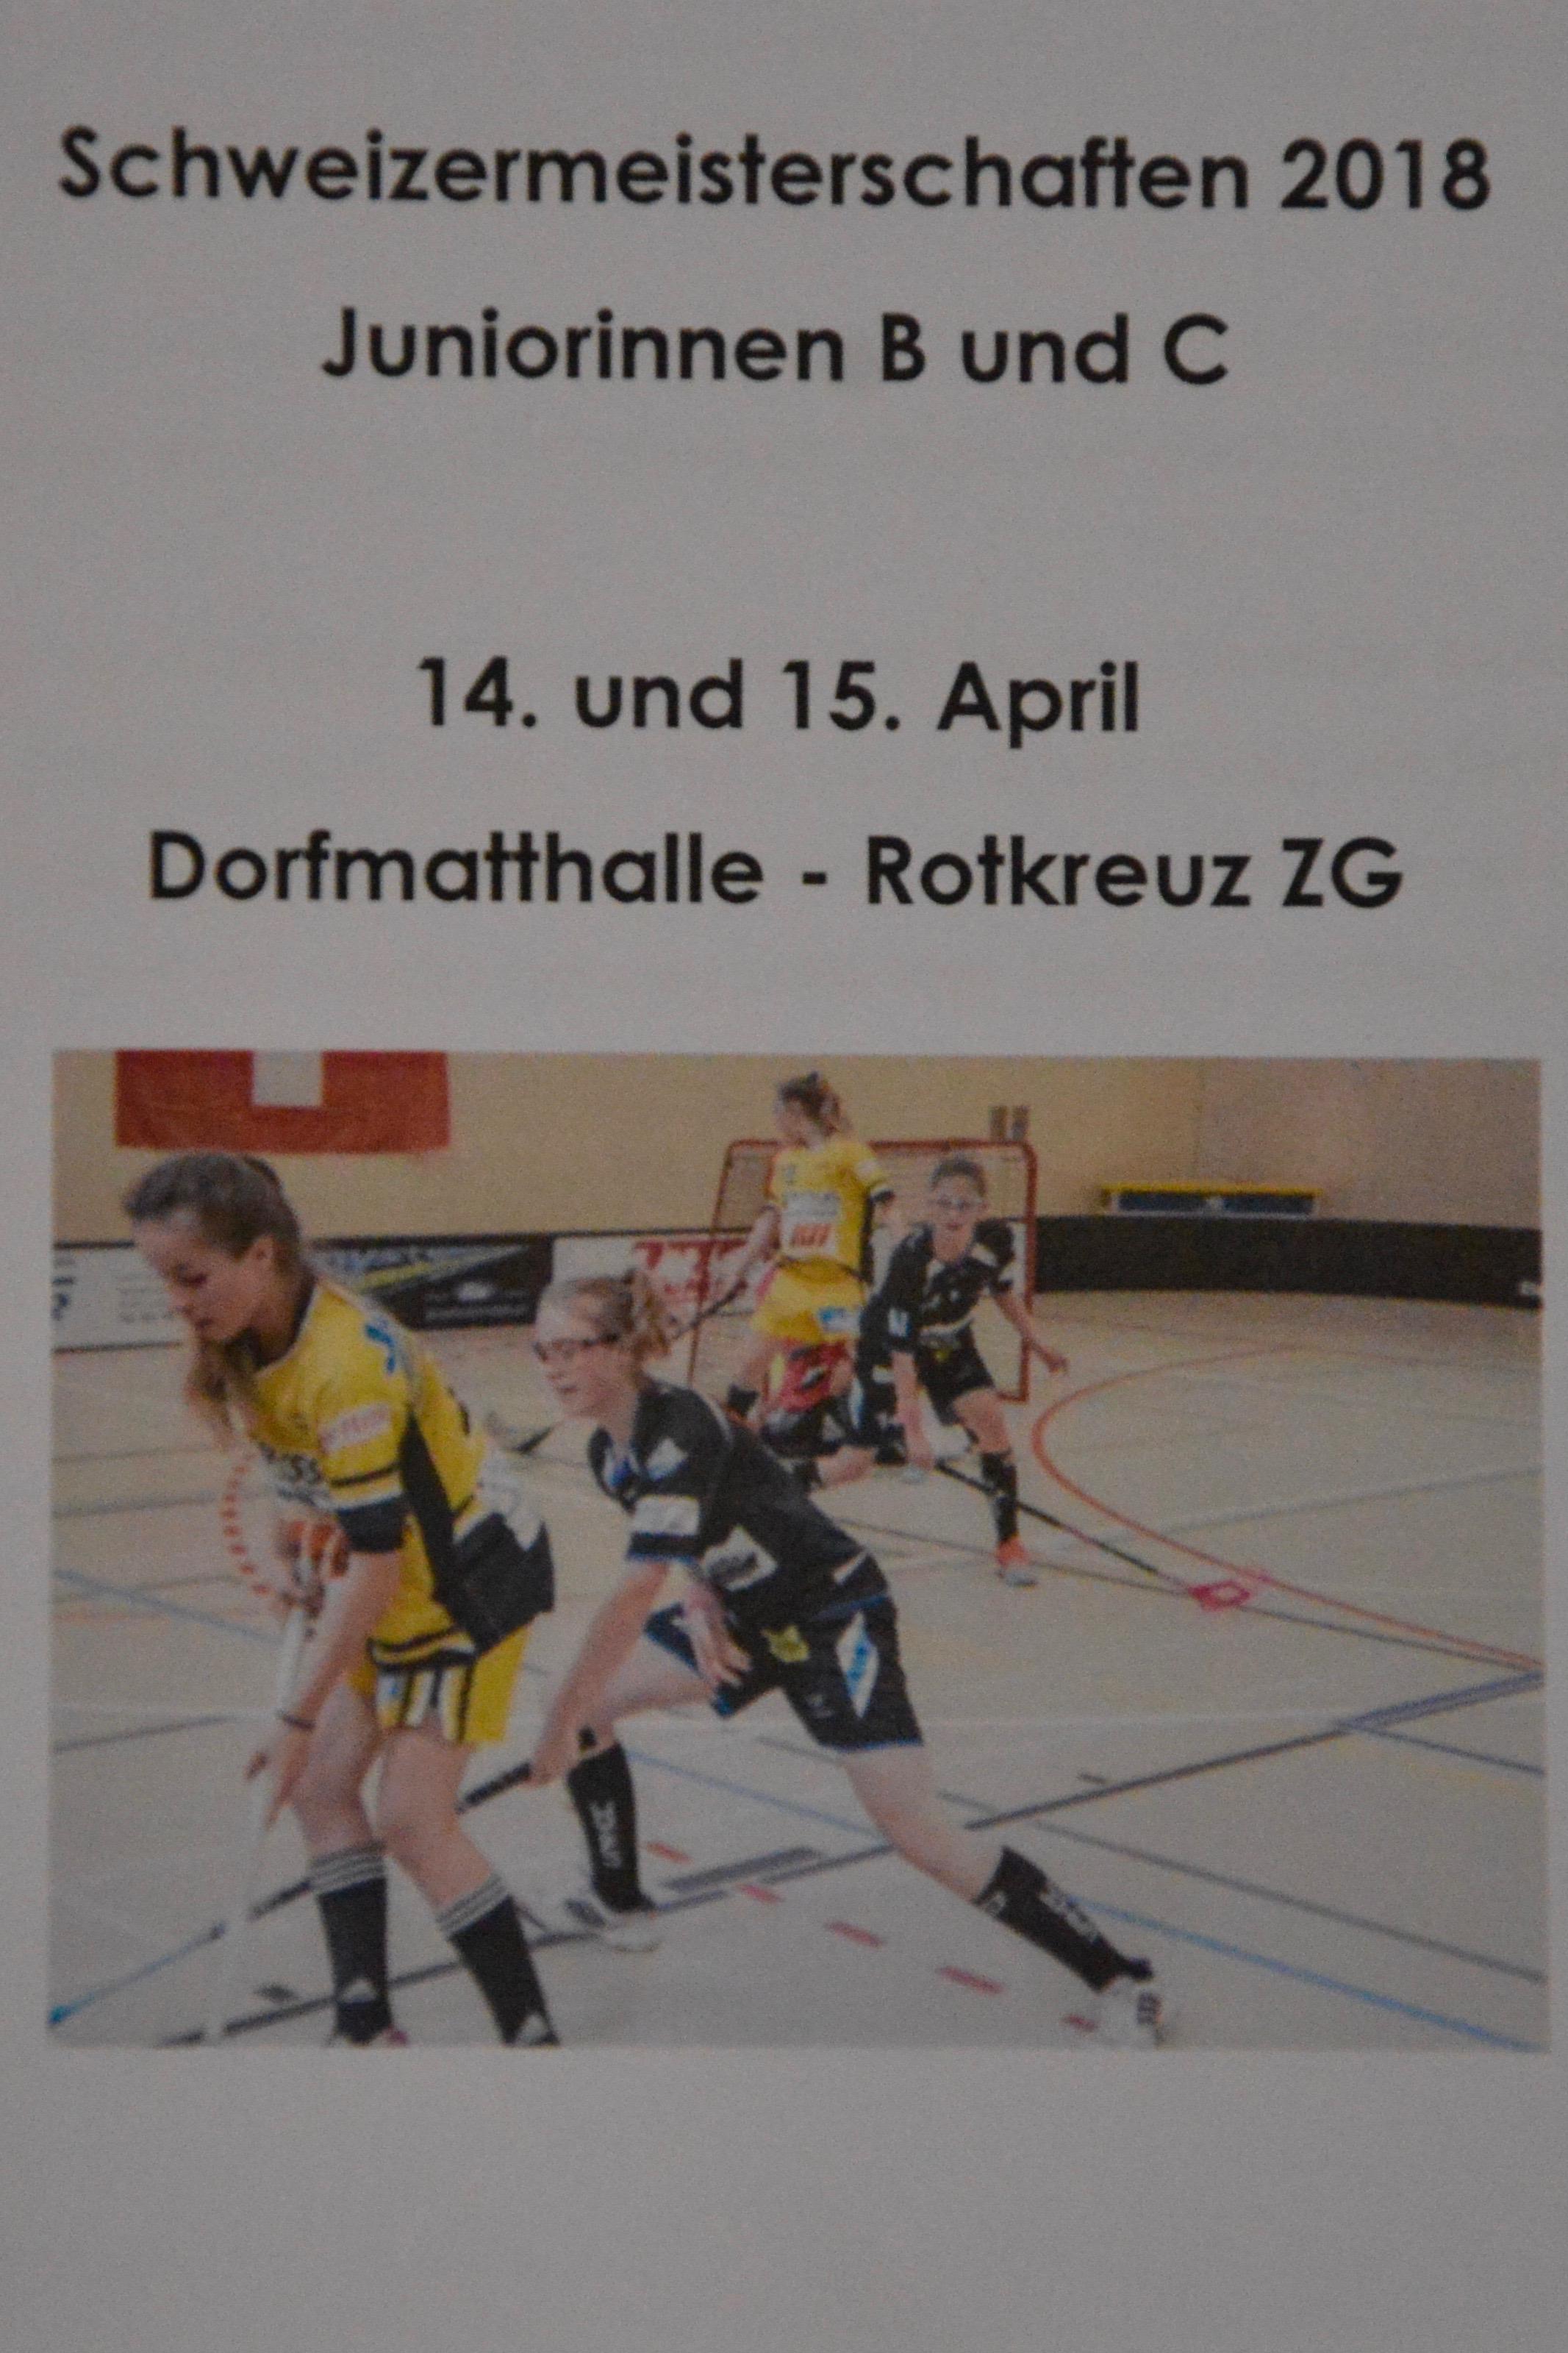 Juniorinnen C - Finalrunde gegen UHC Dietilkon Gruppenspiel Saison 2017/18